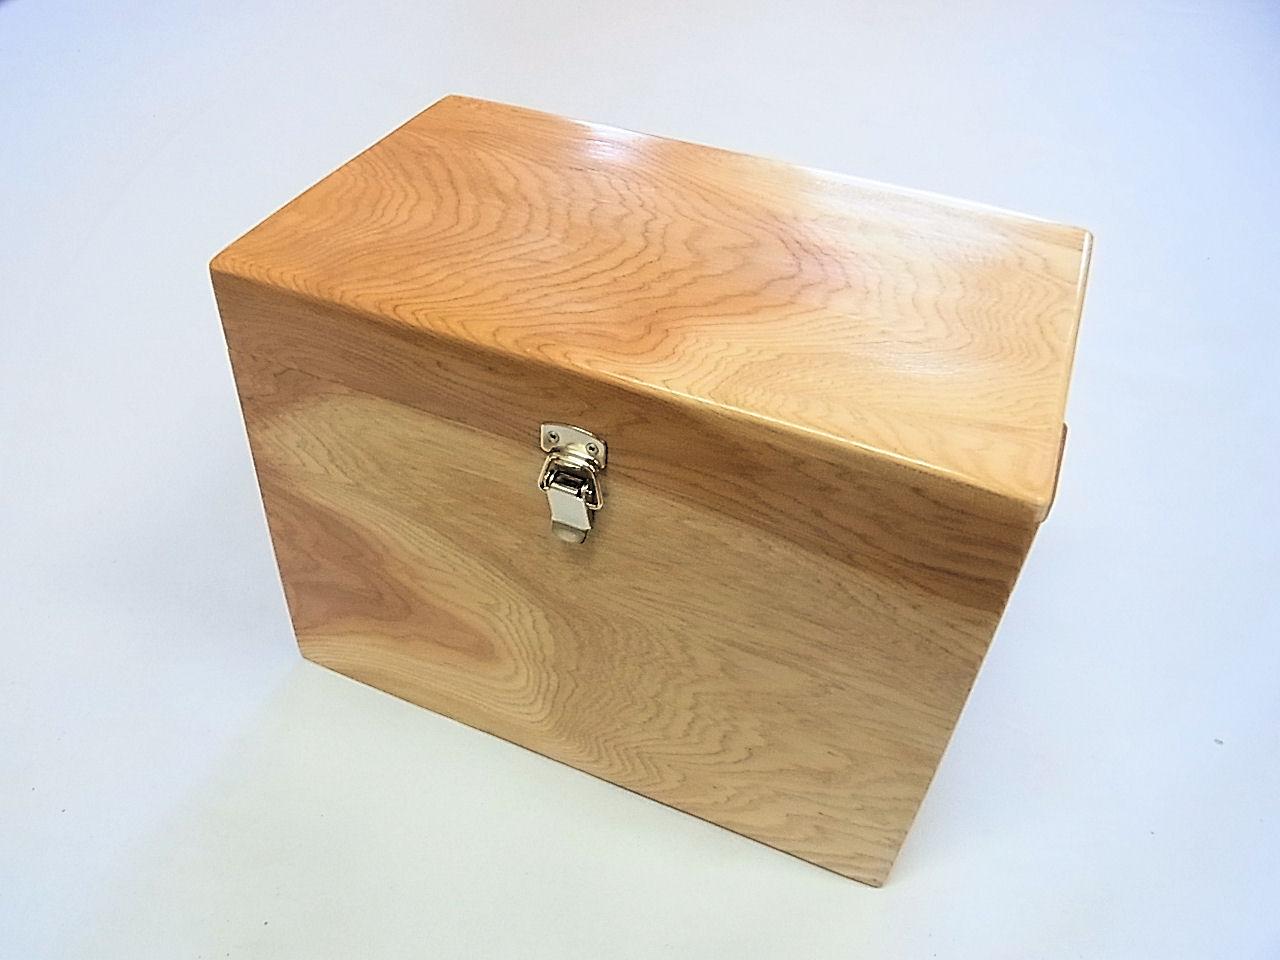 画像1: 感謝価格 35%引き! 国産杉材使用 合切箱 鏡面仕上げ なかごスライド開閉  ベルト付き